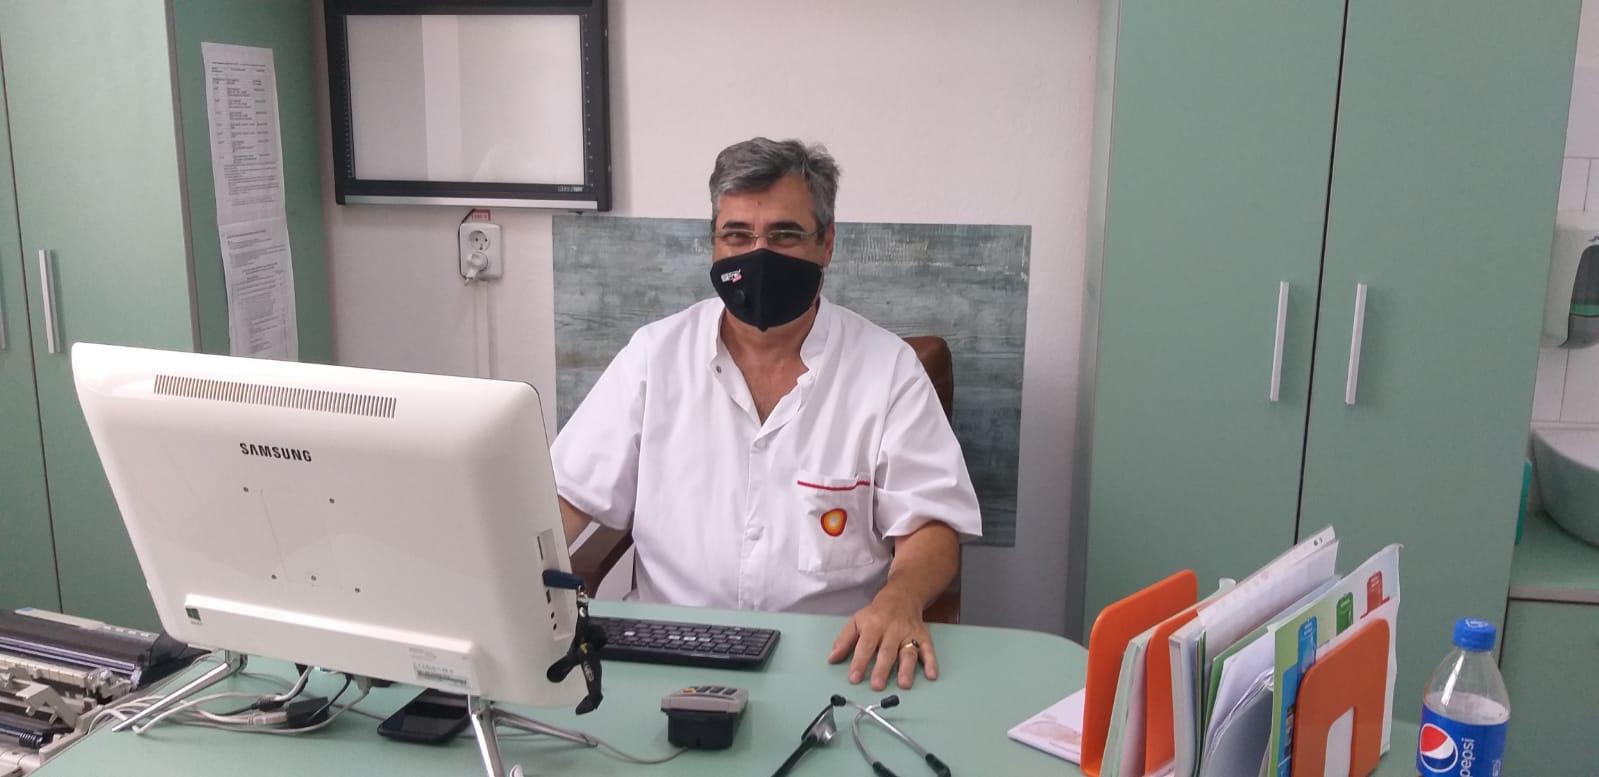 Medicul Cătălin Sava: Foarte importantă va fi anul acesta vaccinarea antigripală. Există riscul de a se suprapune virozele cu noul coronavirus și cu gripa